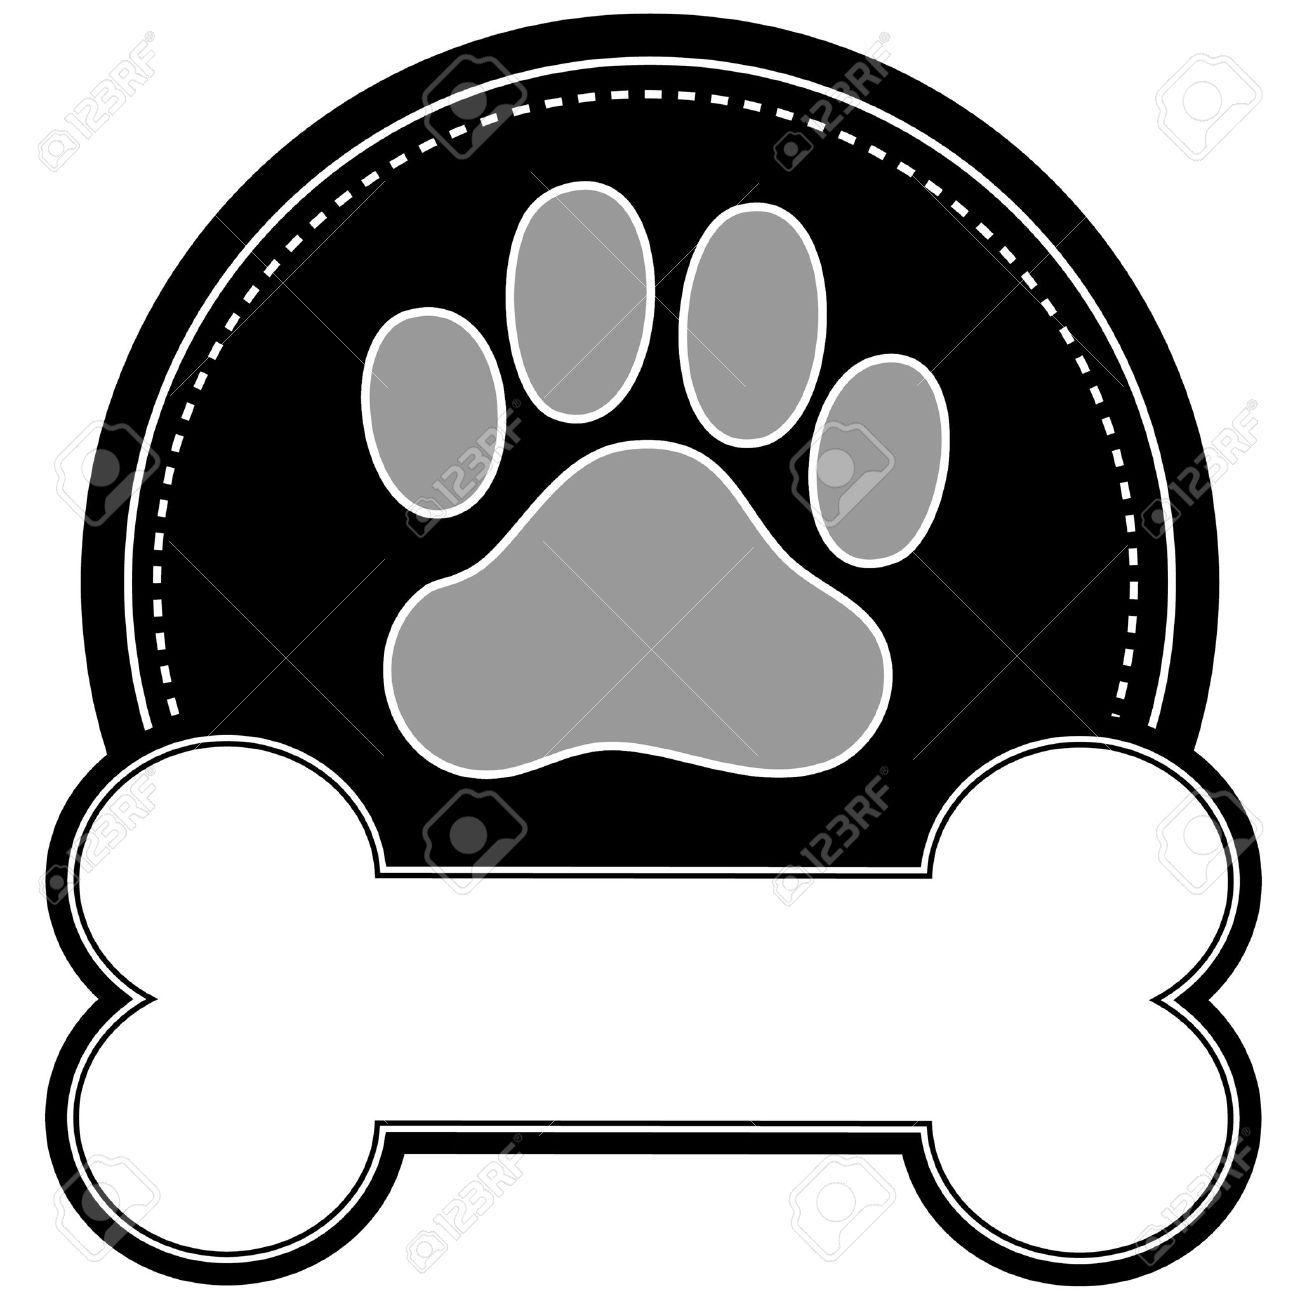 Imagenes De Huesos Para Perros